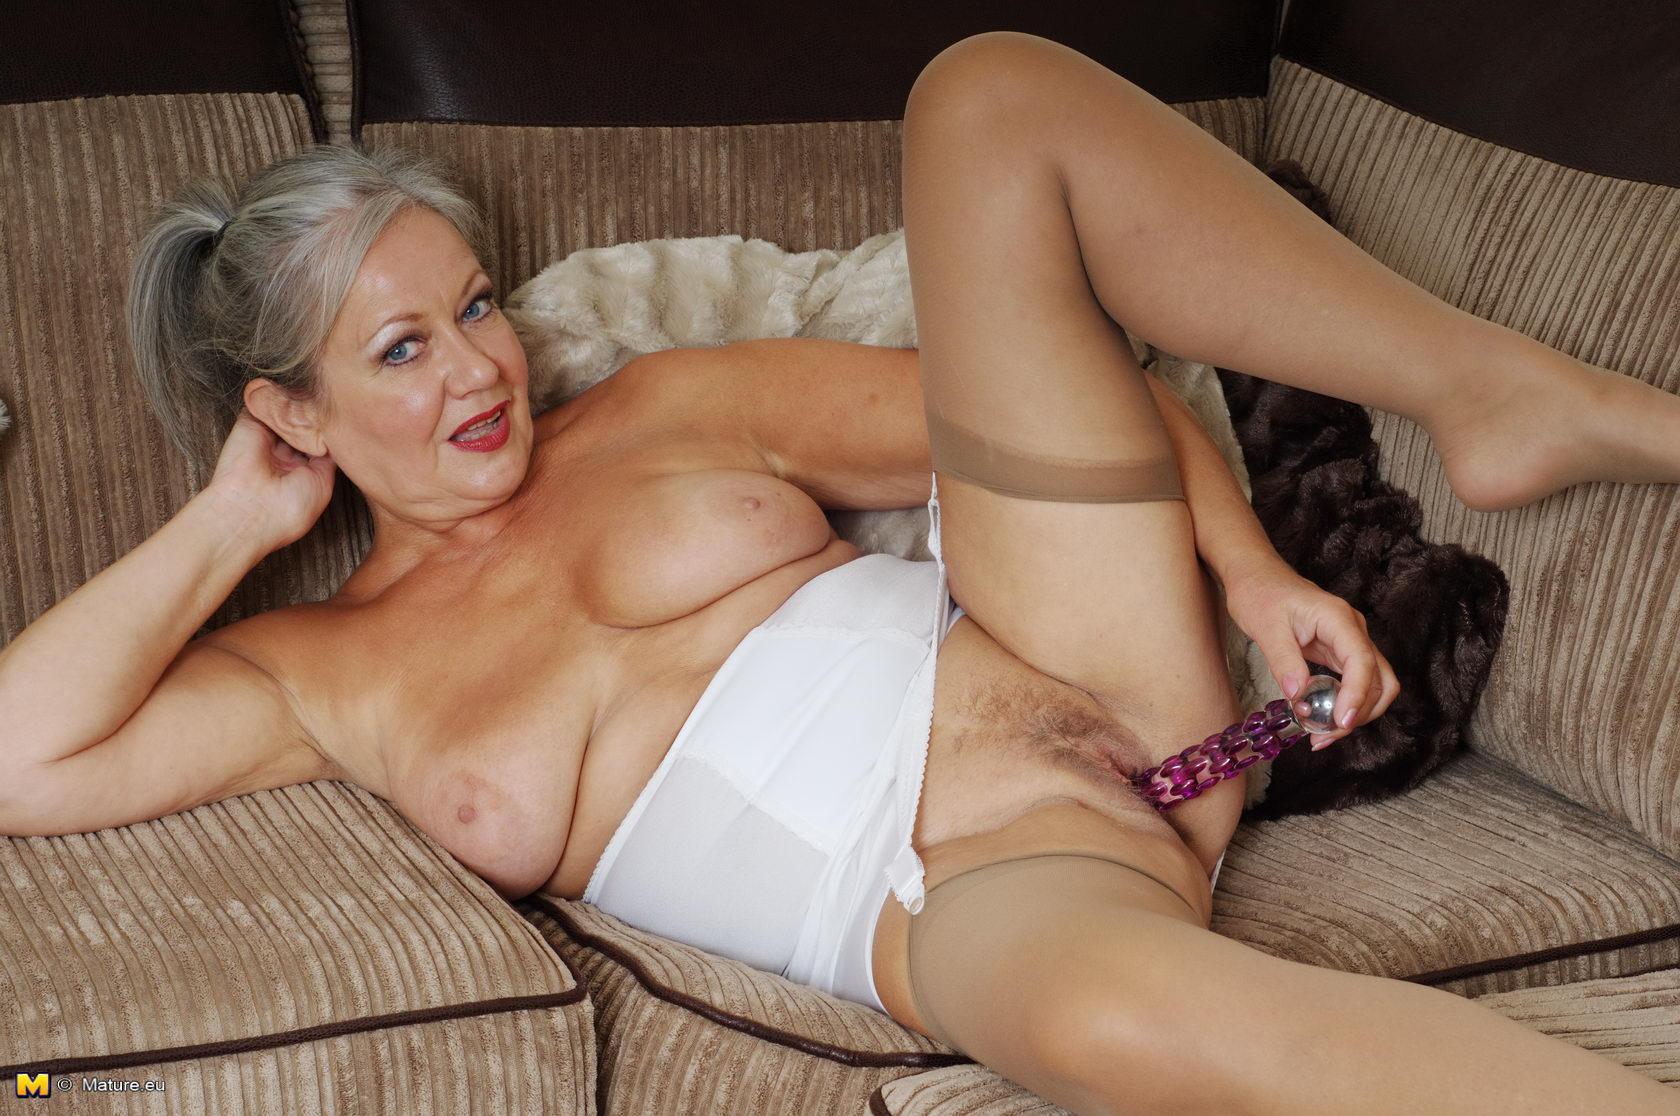 Фотосет порно дамочек, Порно зрелых женщин, фото секса с женщинами 14 фотография